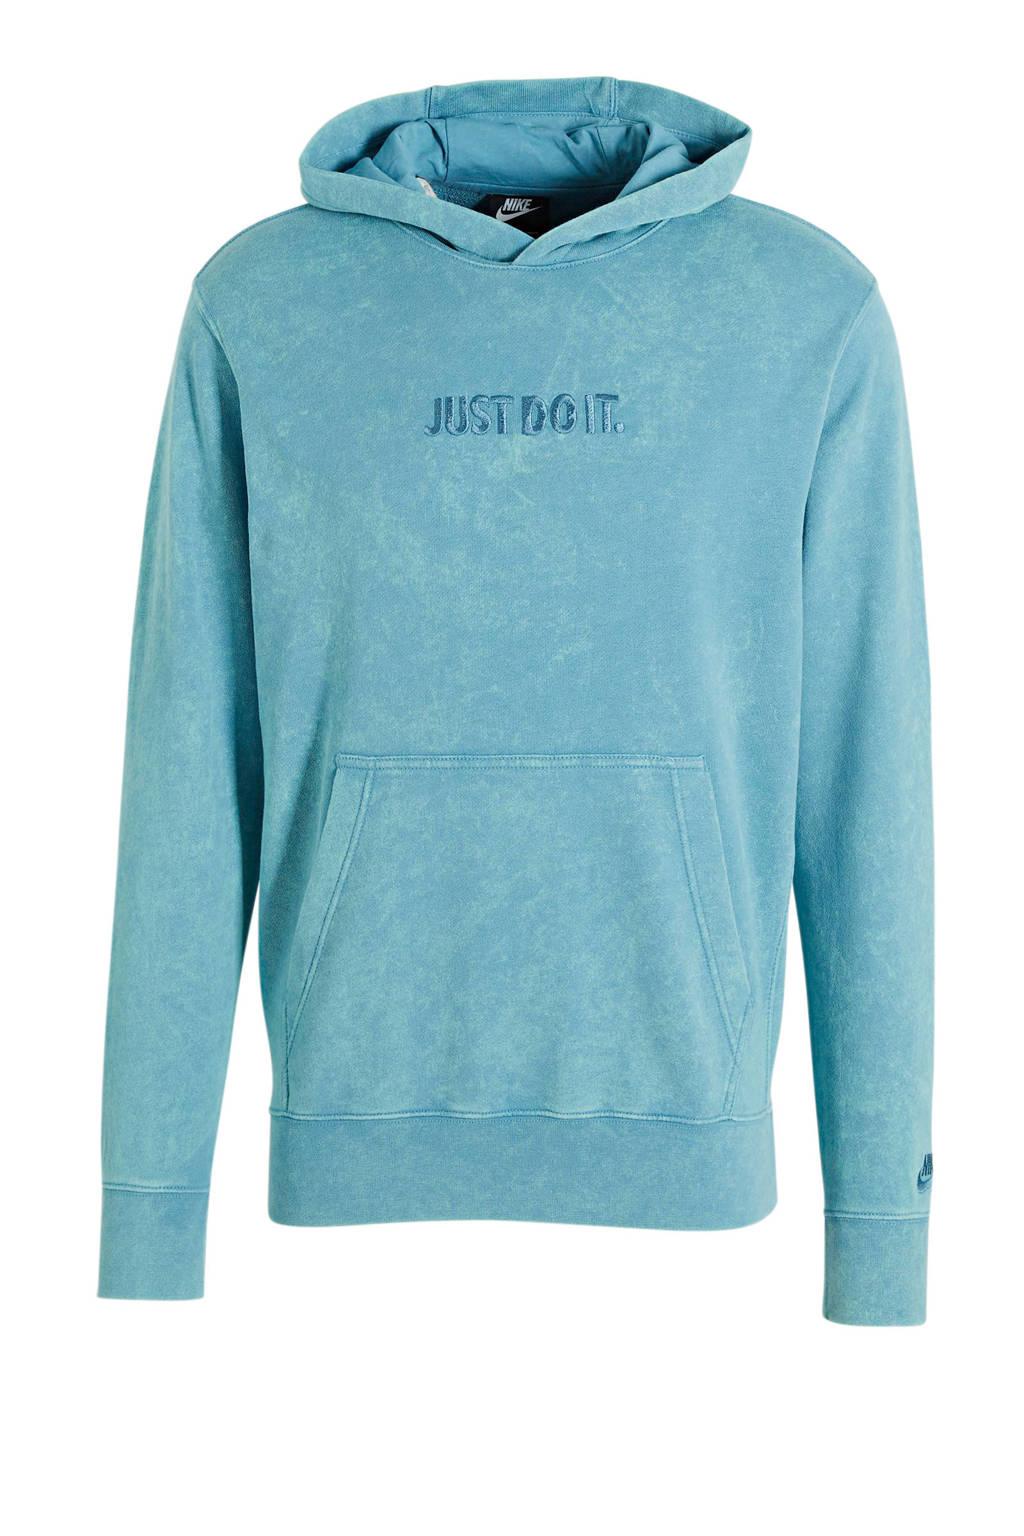 Nike hoodie lichtblauw, Lichtblauw